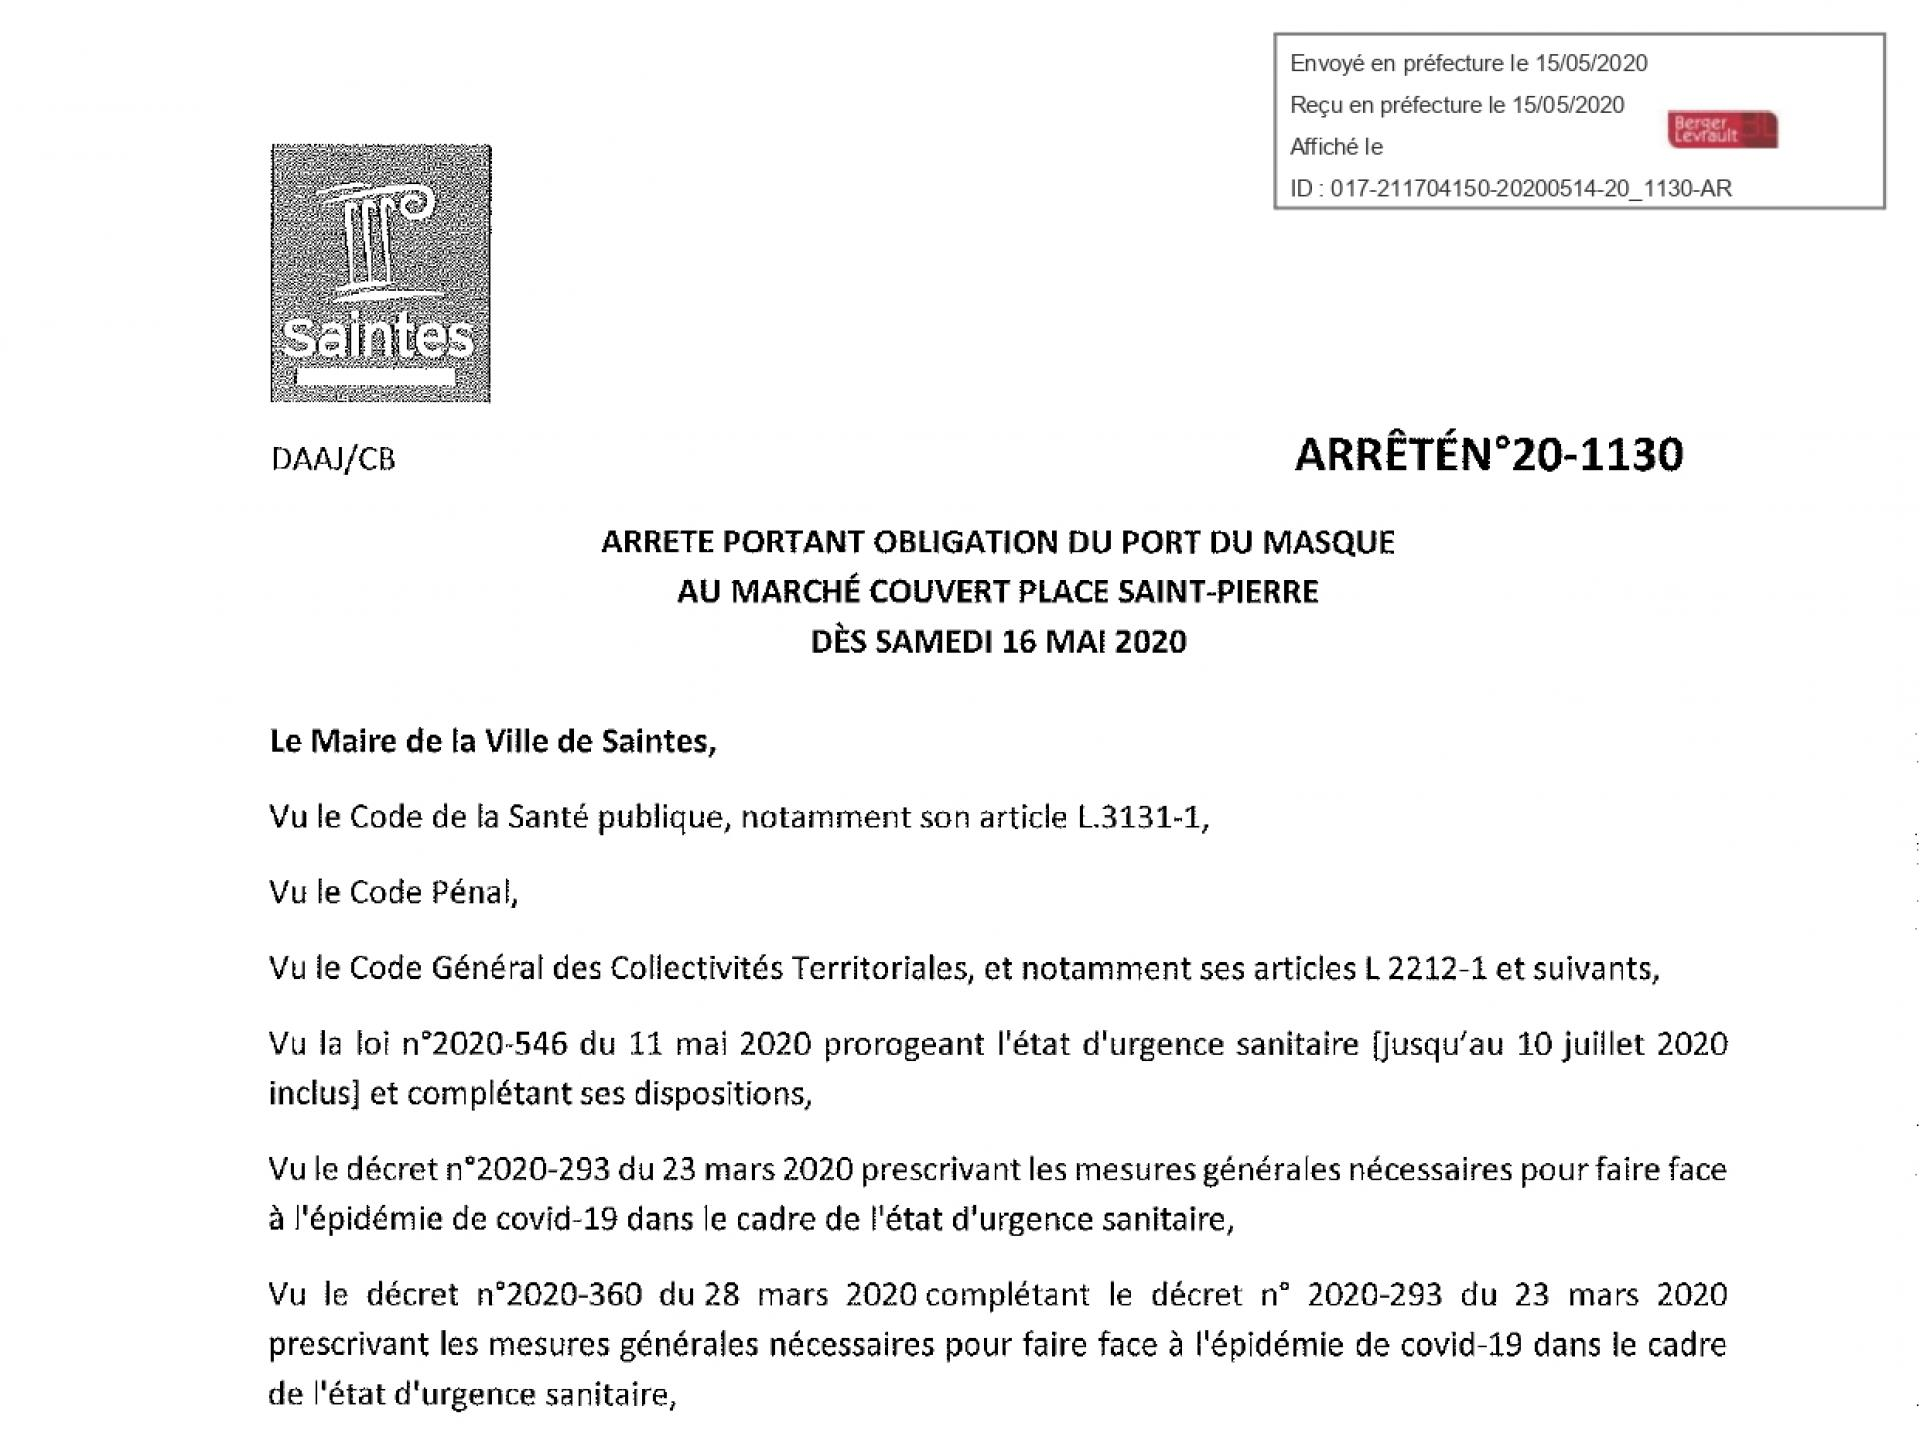 20 1130 Obligation Port Masque Marché St Pierre Page 0001